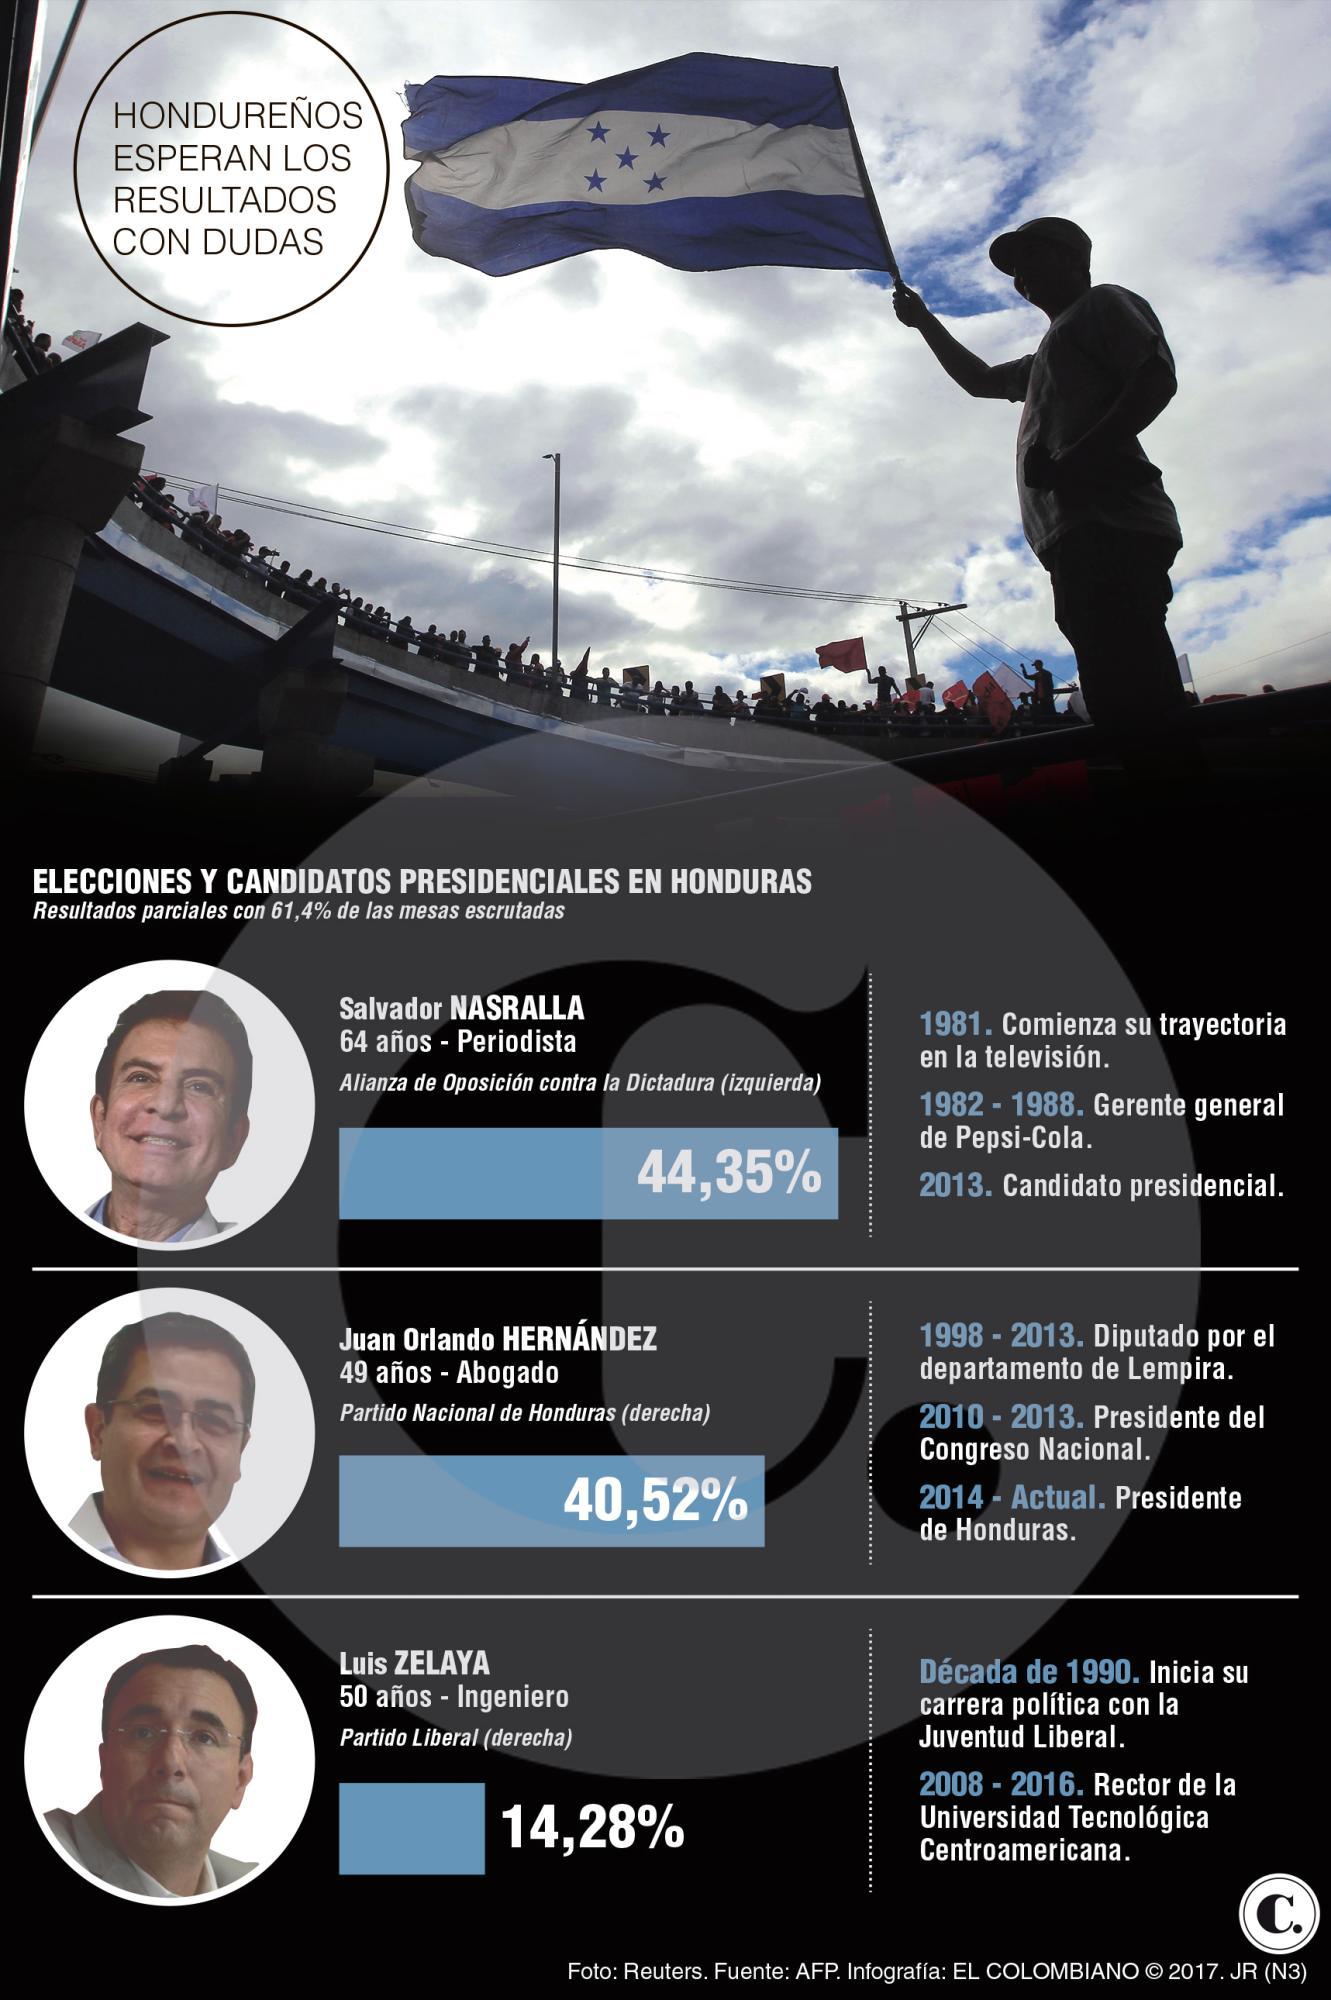 Tensión en Honduras tras las elecciones